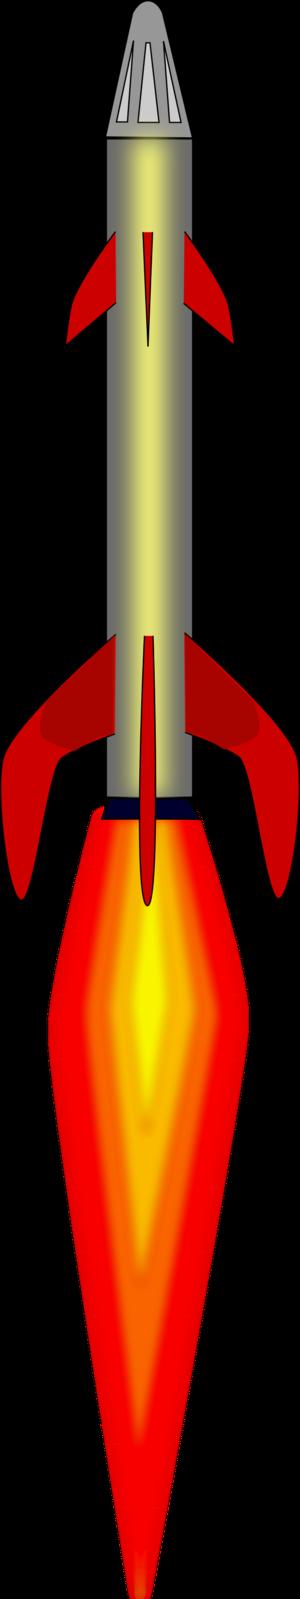 Rocket PNG images